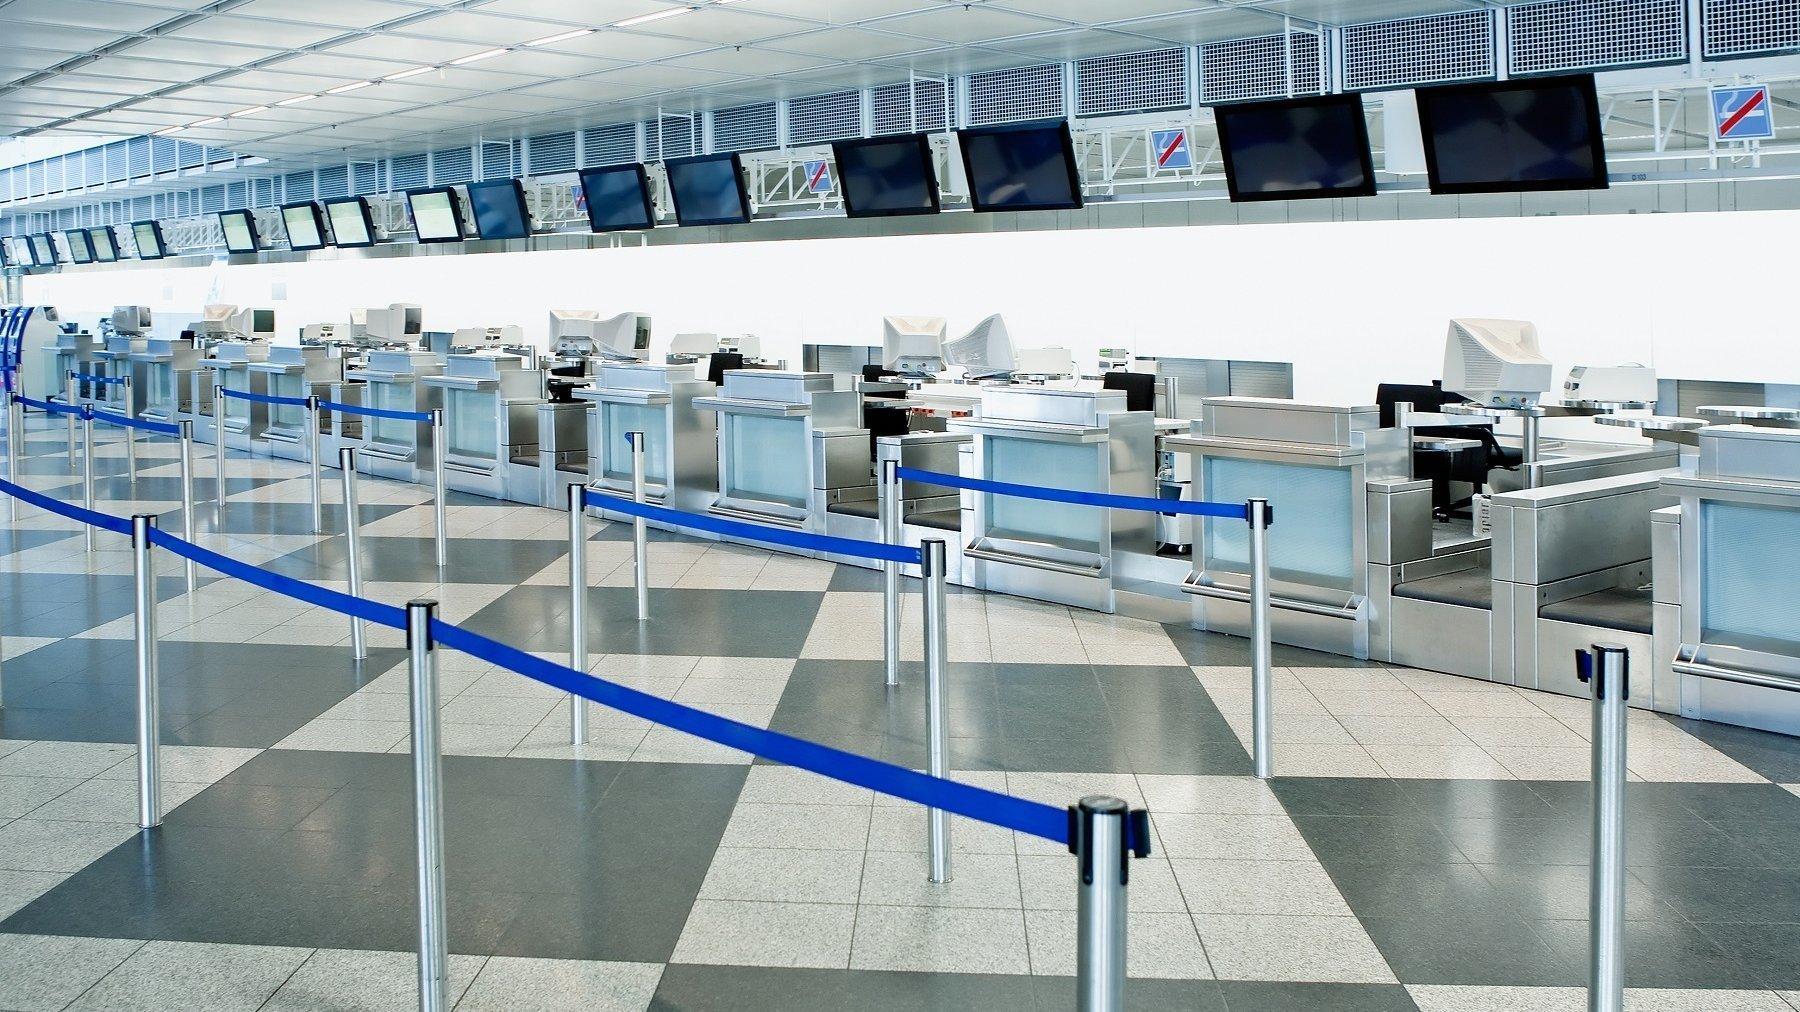 Die öffentliche Check-in-Zone eines Flughafens mit Hindernissen für die Kontrolle der Menschenmenge